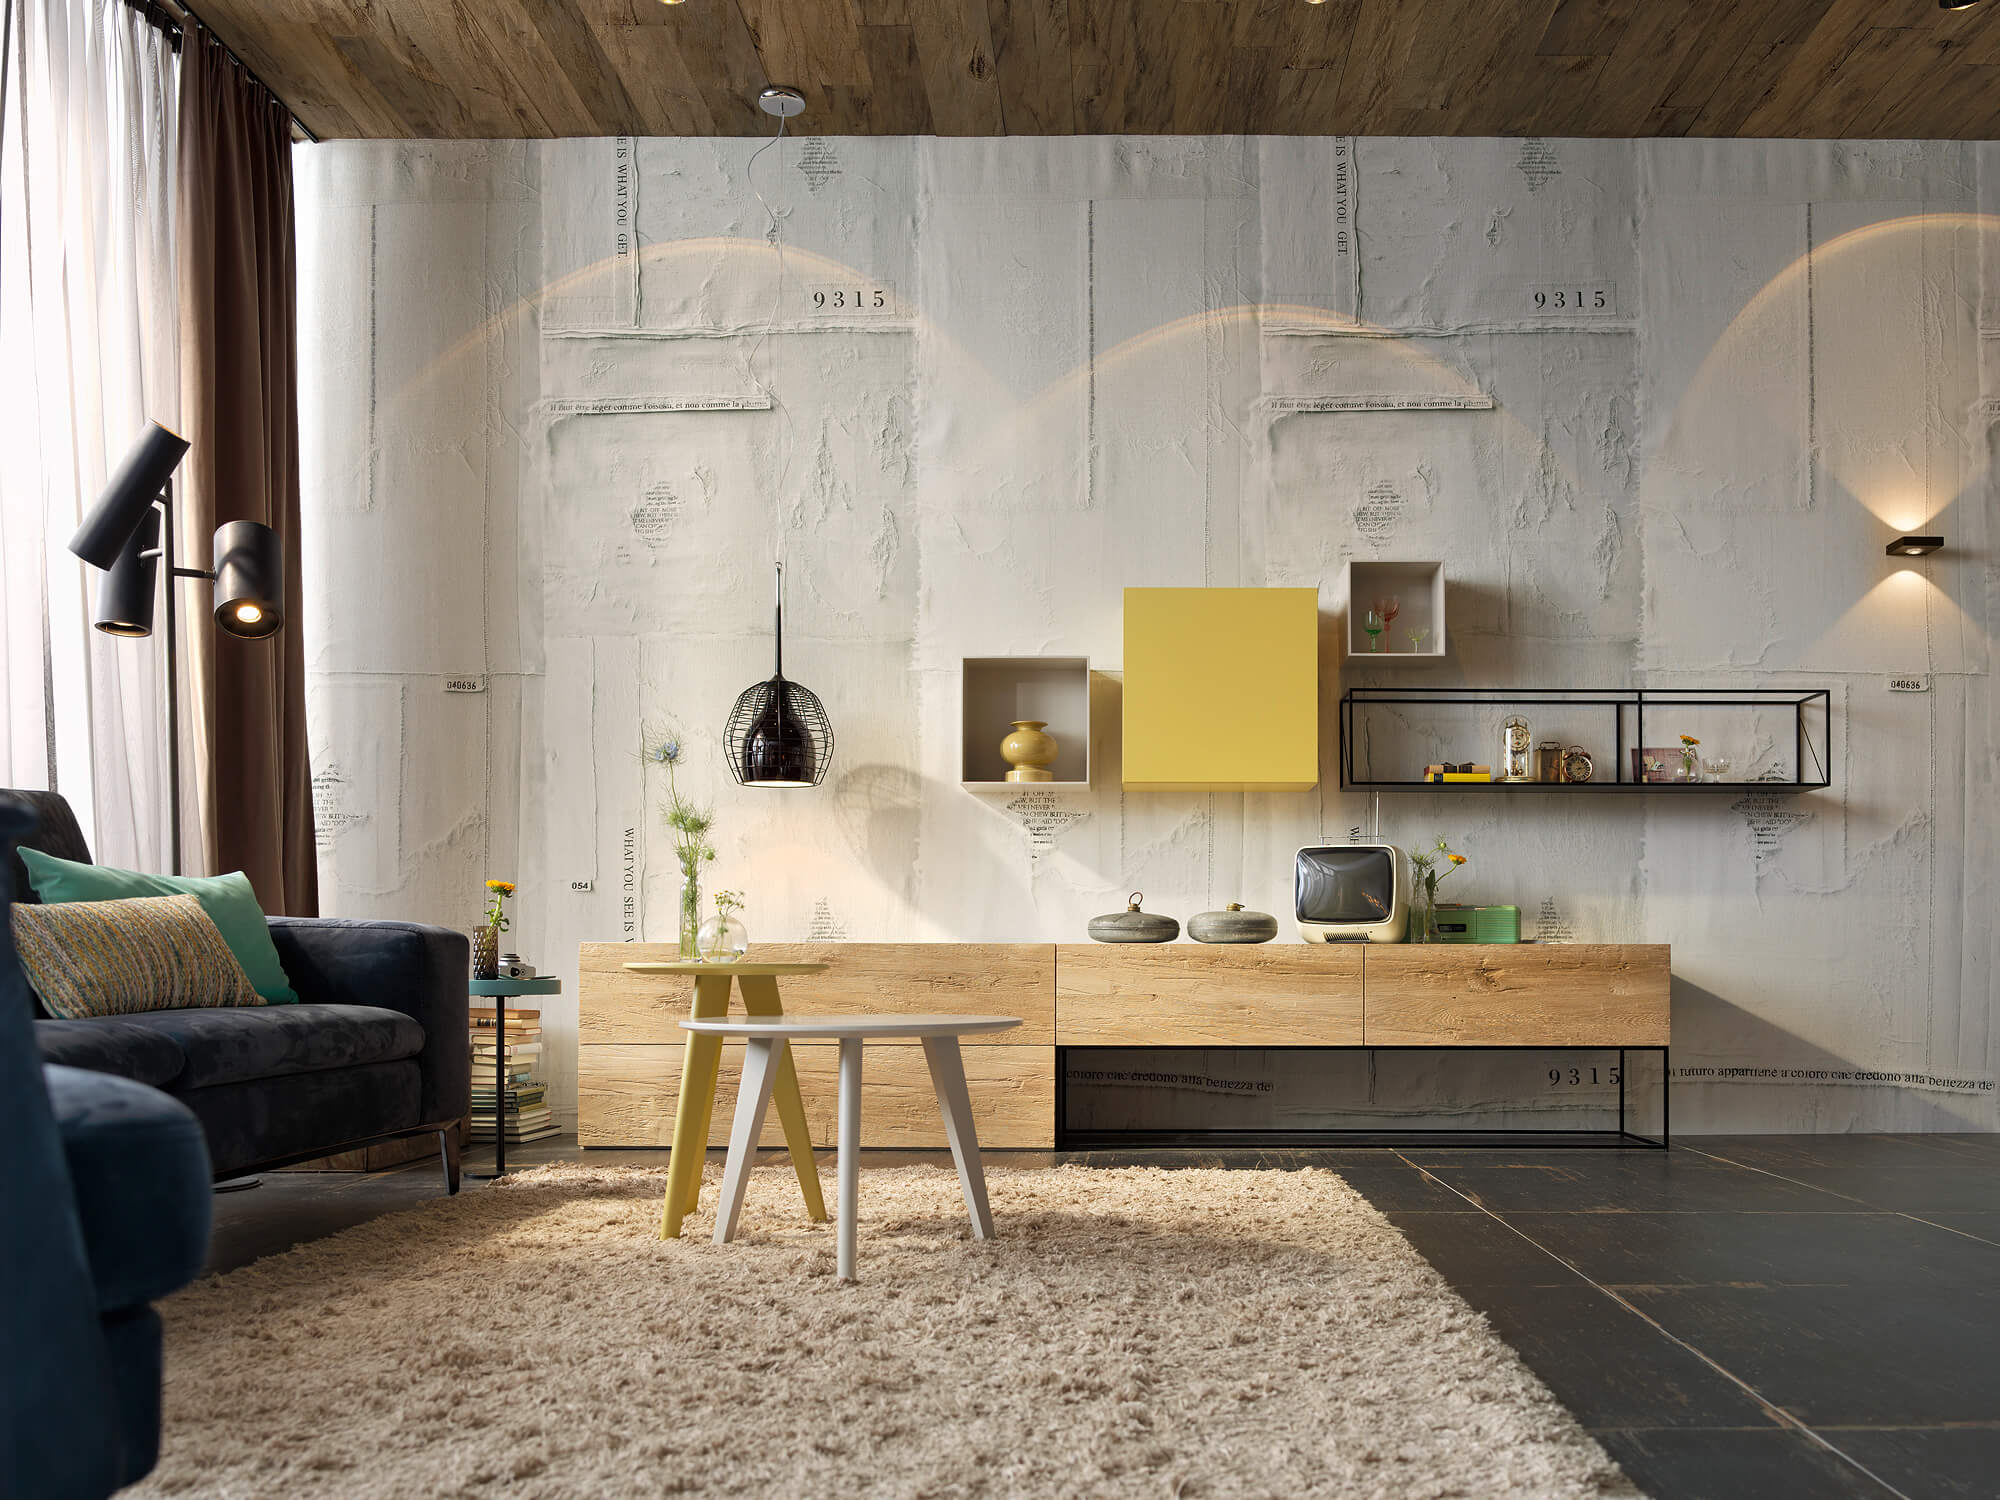 Wohnzimmer planen - Eilmannsberger GmbH